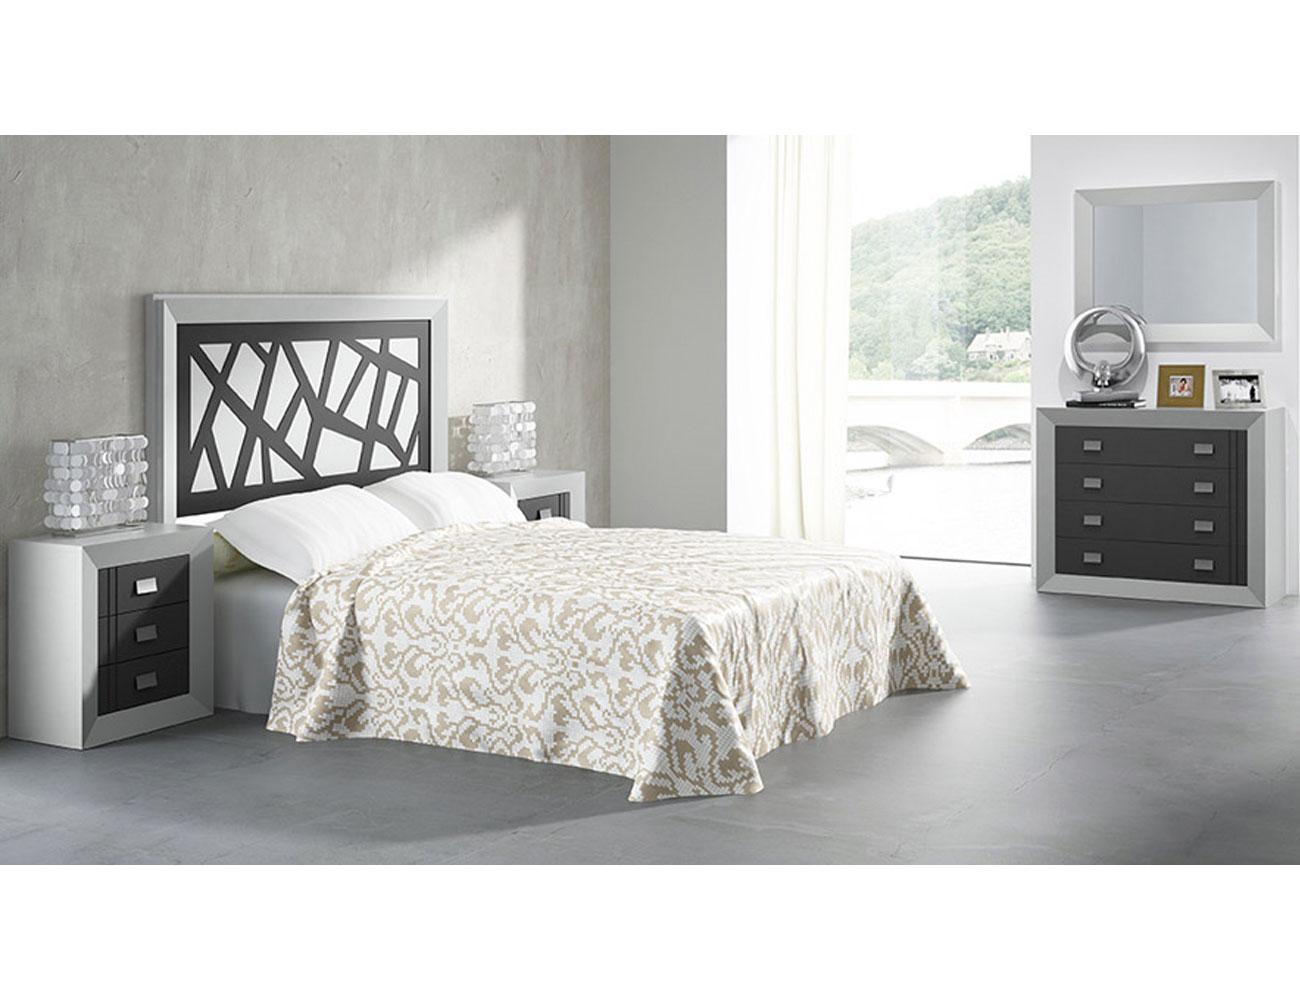 Muebles de dormitorio de matrimonio color blanco con for Muebles blancos dormitorio matrimonio